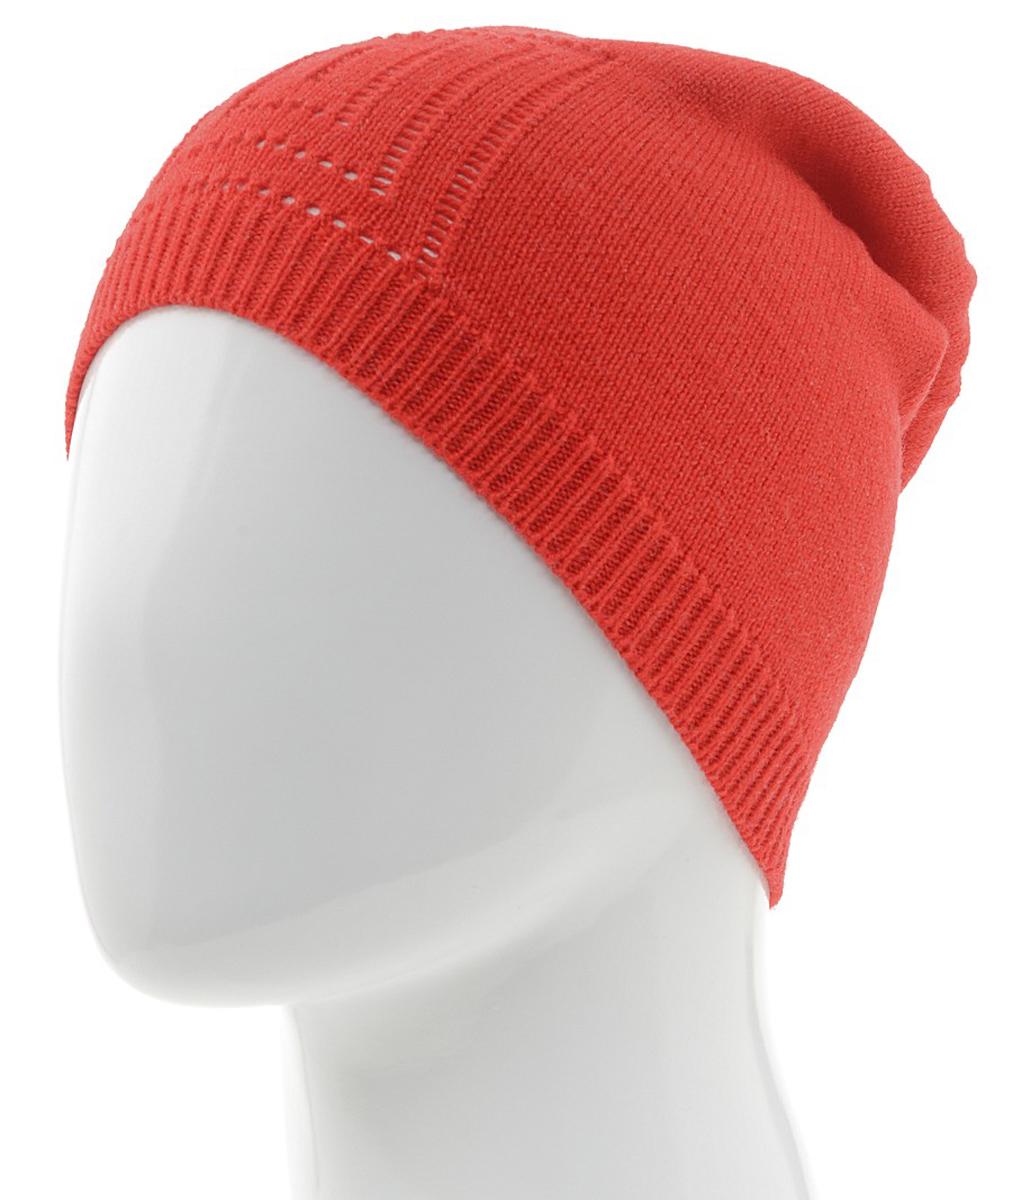 Шапка женская. 7302PI7302PI-18Шапочка-бини Flioraj гармонична со стремлением быть свободной, творческой и энергичной. Выполнена из тонкой мягкой полушерсти, декорирована вывязанным лаконичным узором. Низ шапки связан резинкой, что обеспечивает эластичность и удобную посадку. Такая шапка станет модным и стильным дополнением вашего зимнего гардероба. Она согреет вас и позволит подчеркнуть свою индивидуальность!